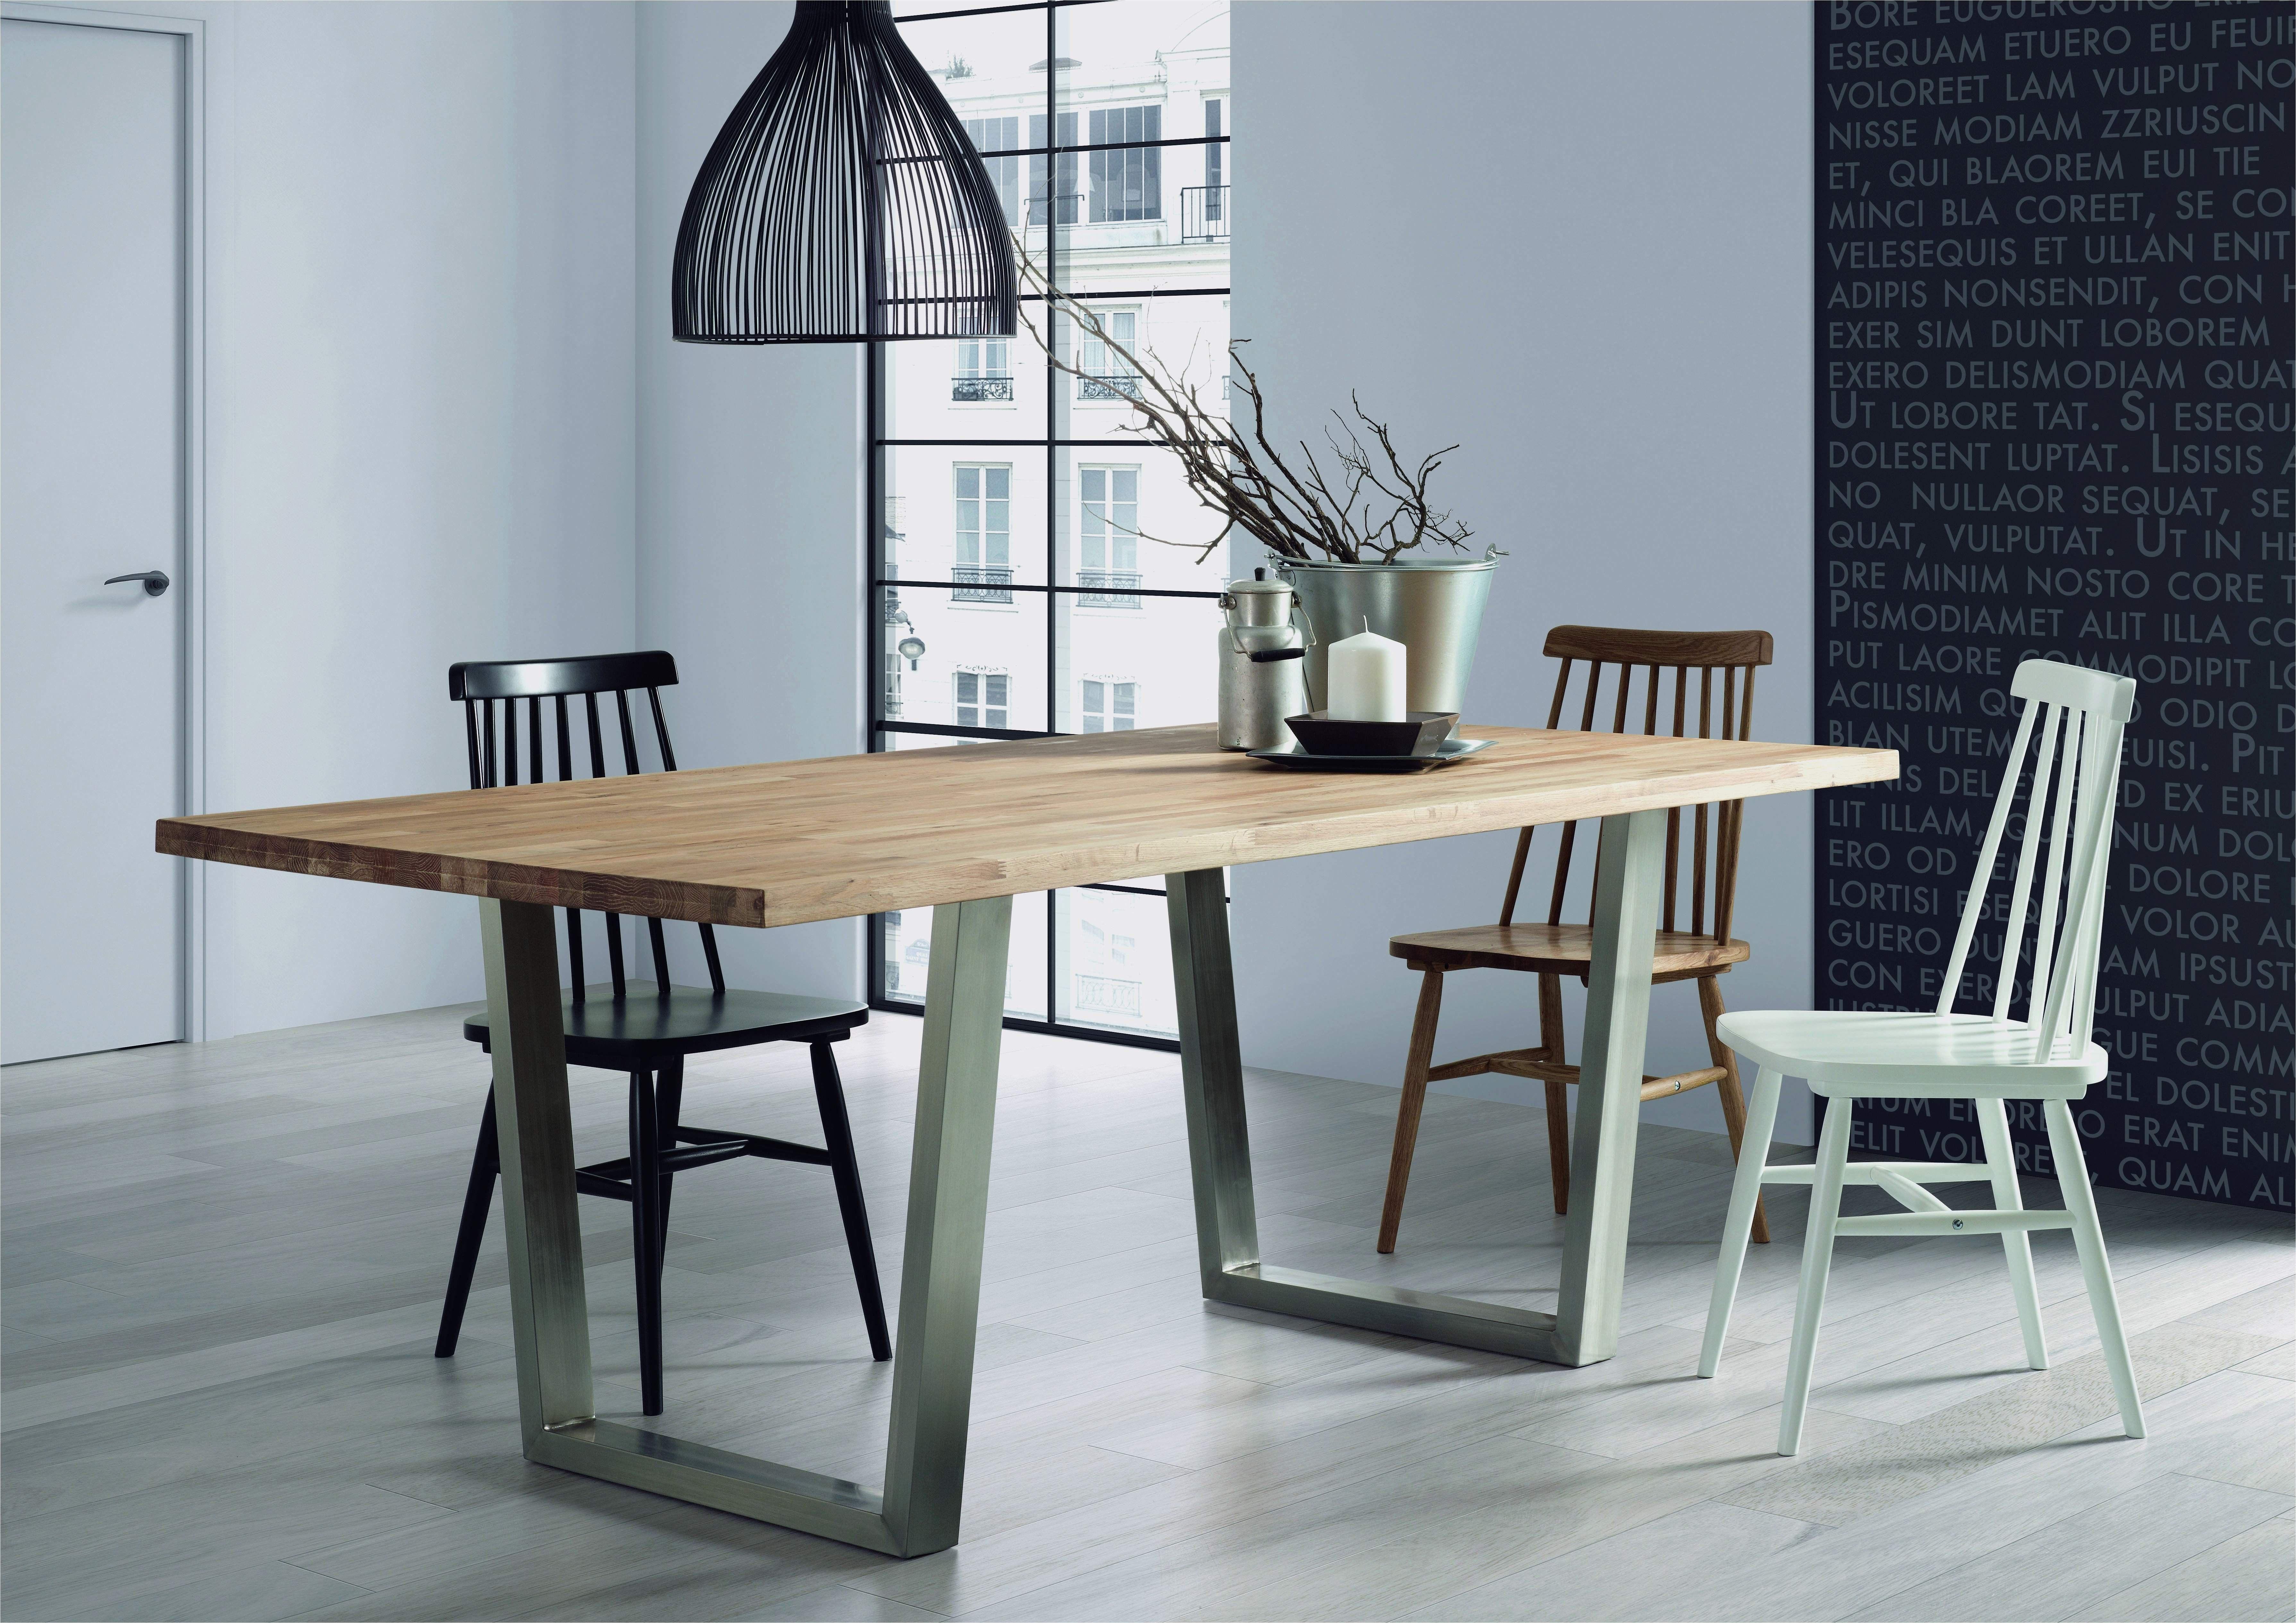 Lit Pliant En Bois Belle Lit Pliable Ikea Luxe Table Pliable Ikea New Lit En Bois Pliant Ikea